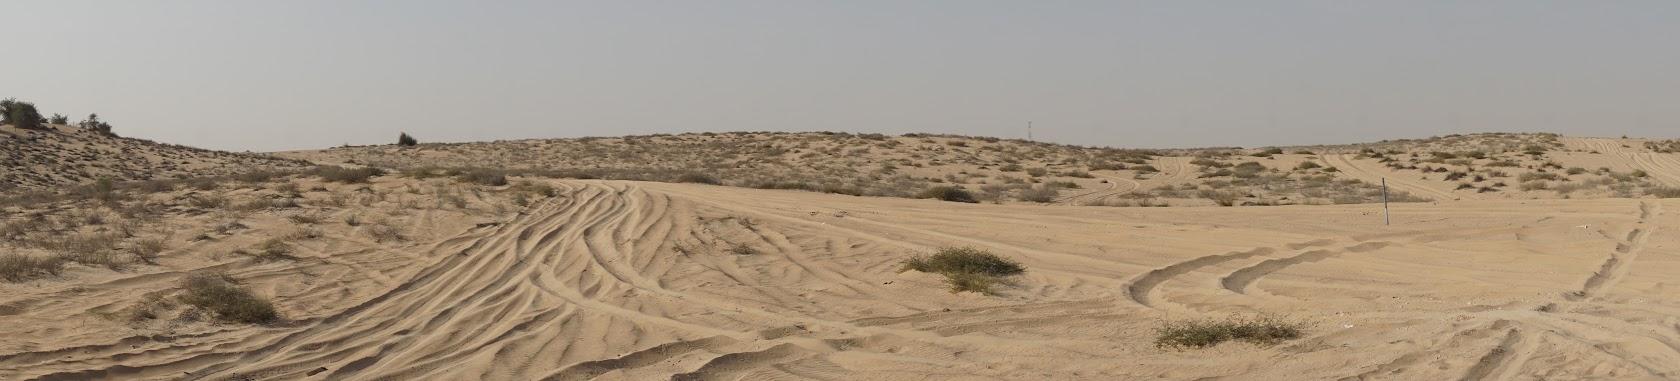 al_qudra_desert